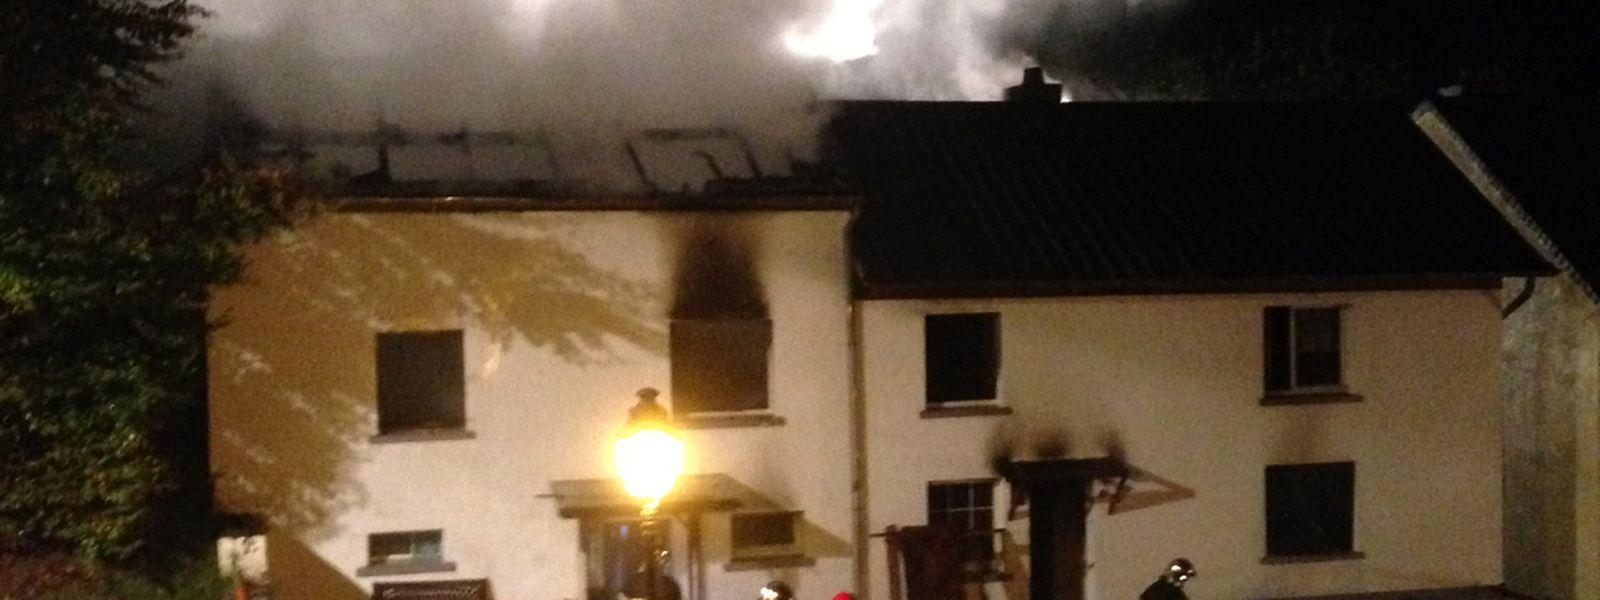 Bei dem Brand am Sonntagabend wurde niemand verletzt.